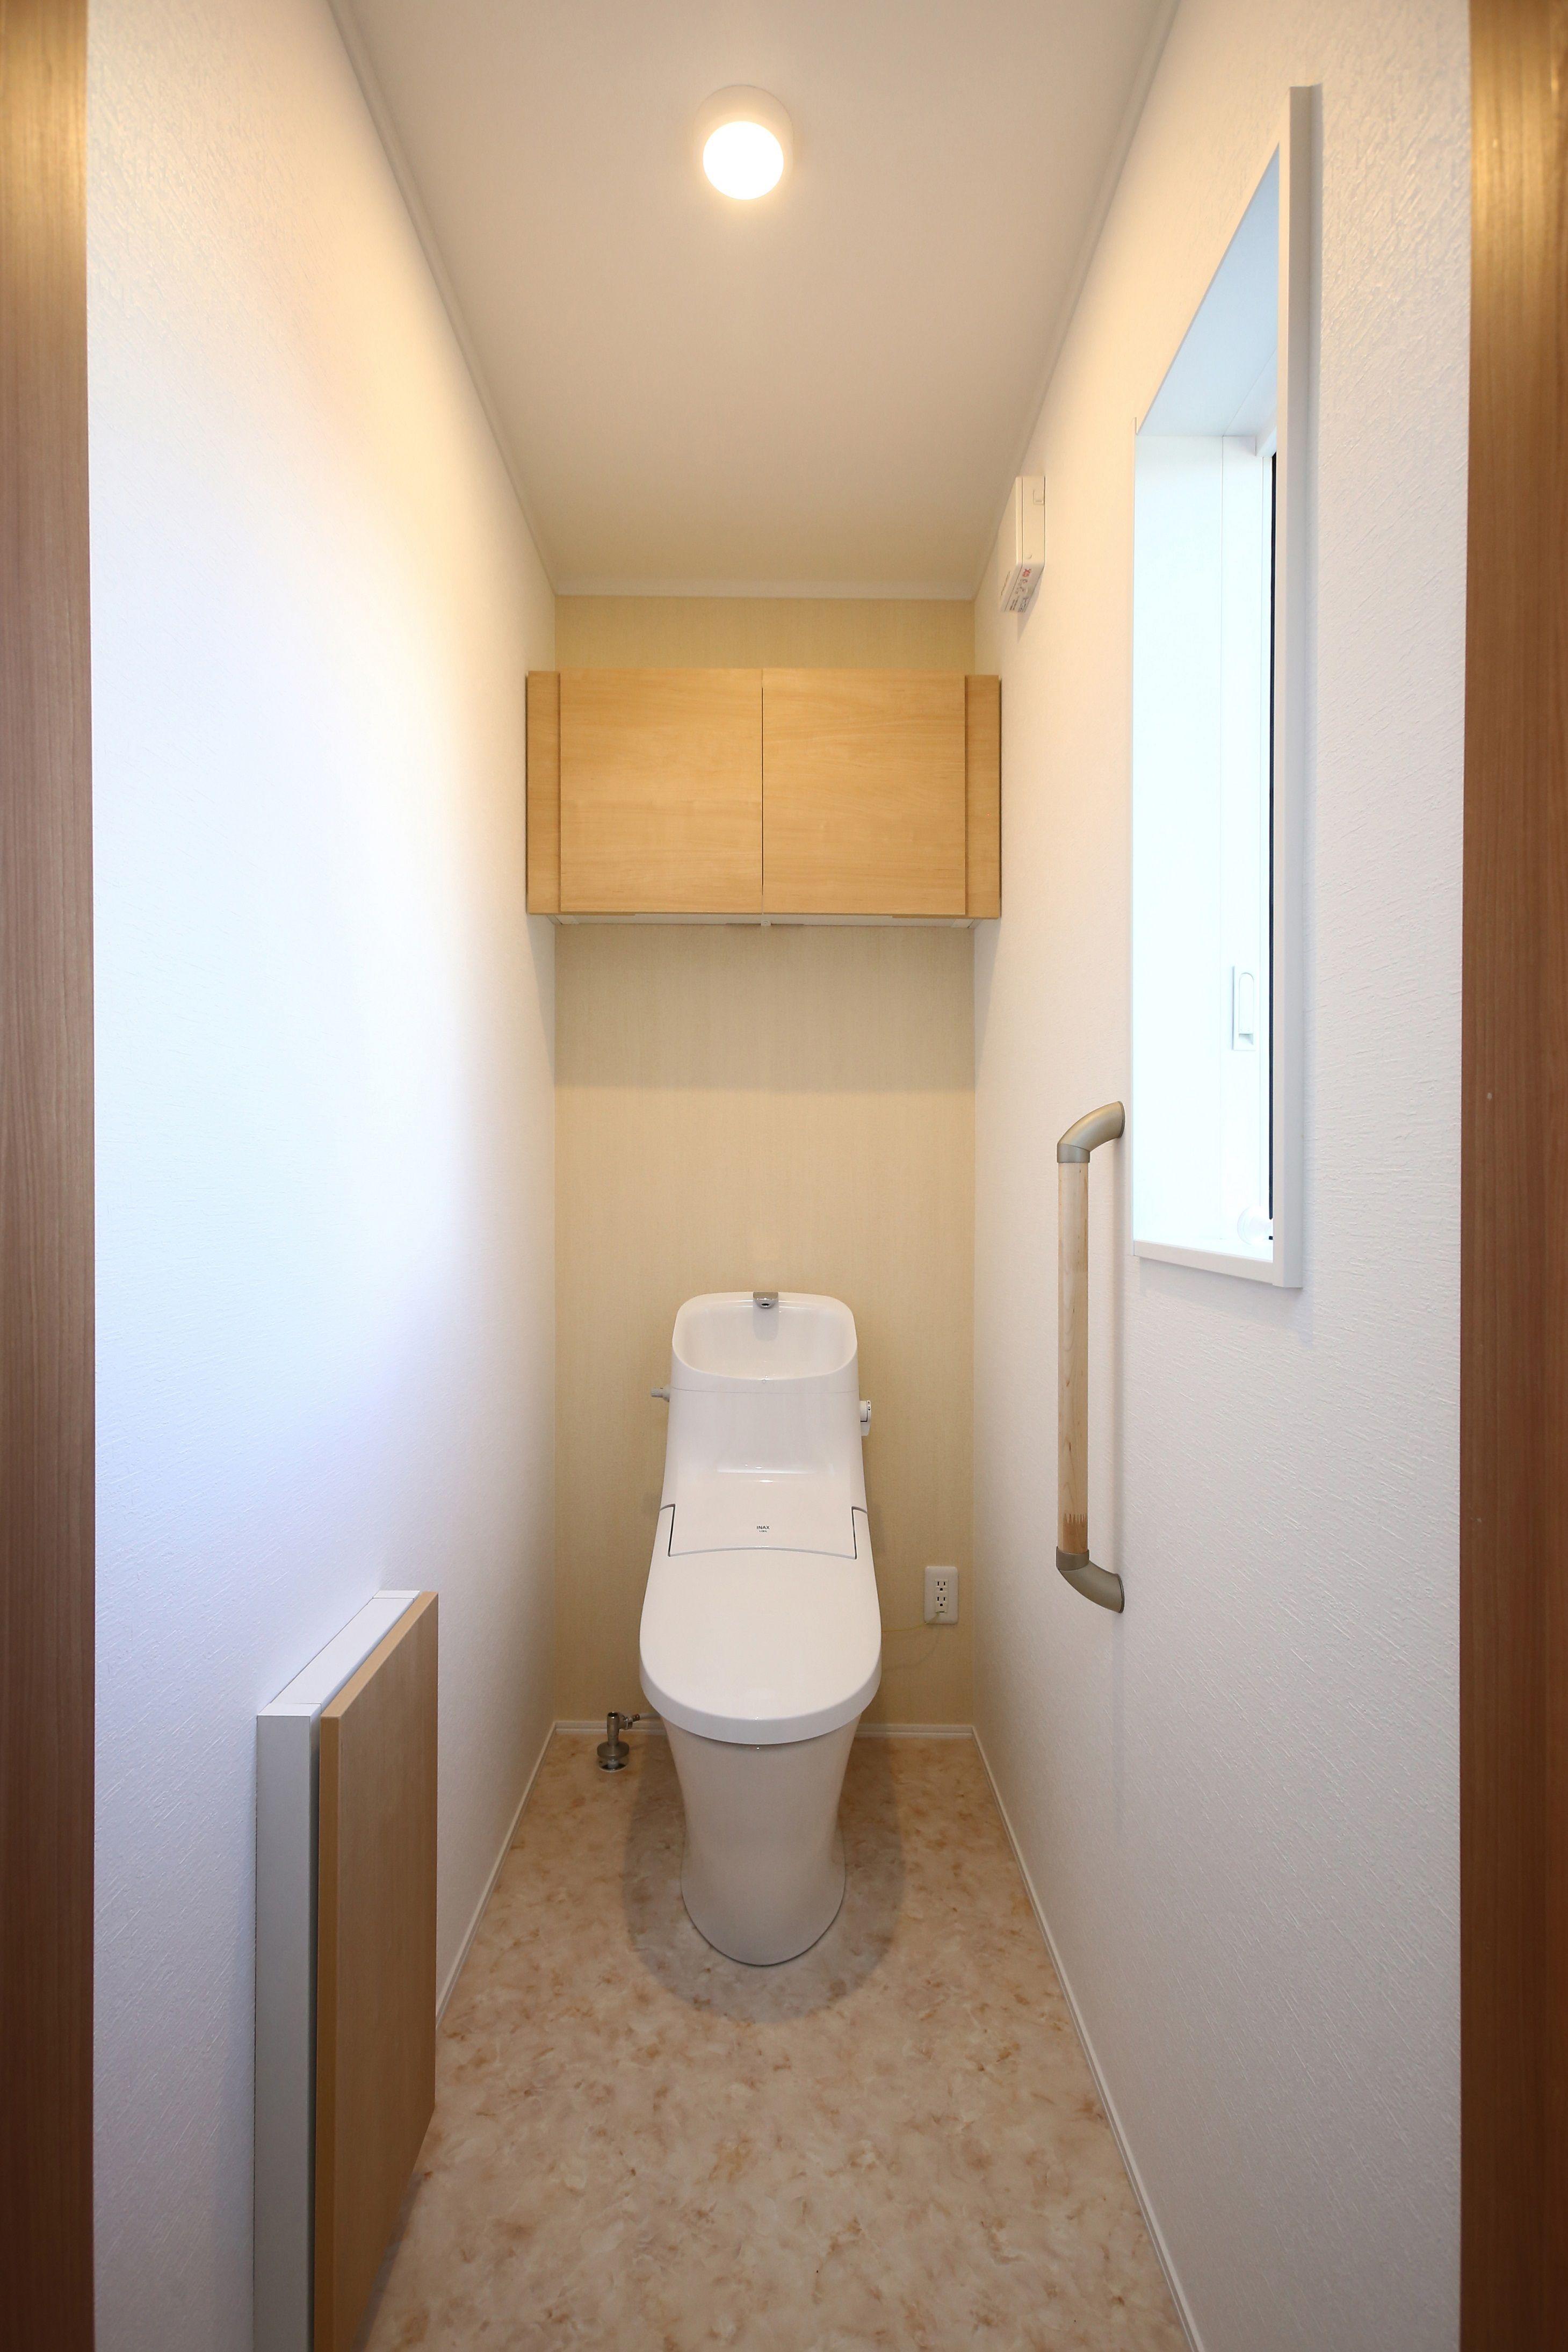 ナチュラルカラーでまとめたシンプルなトイレ アッパーキャビネット